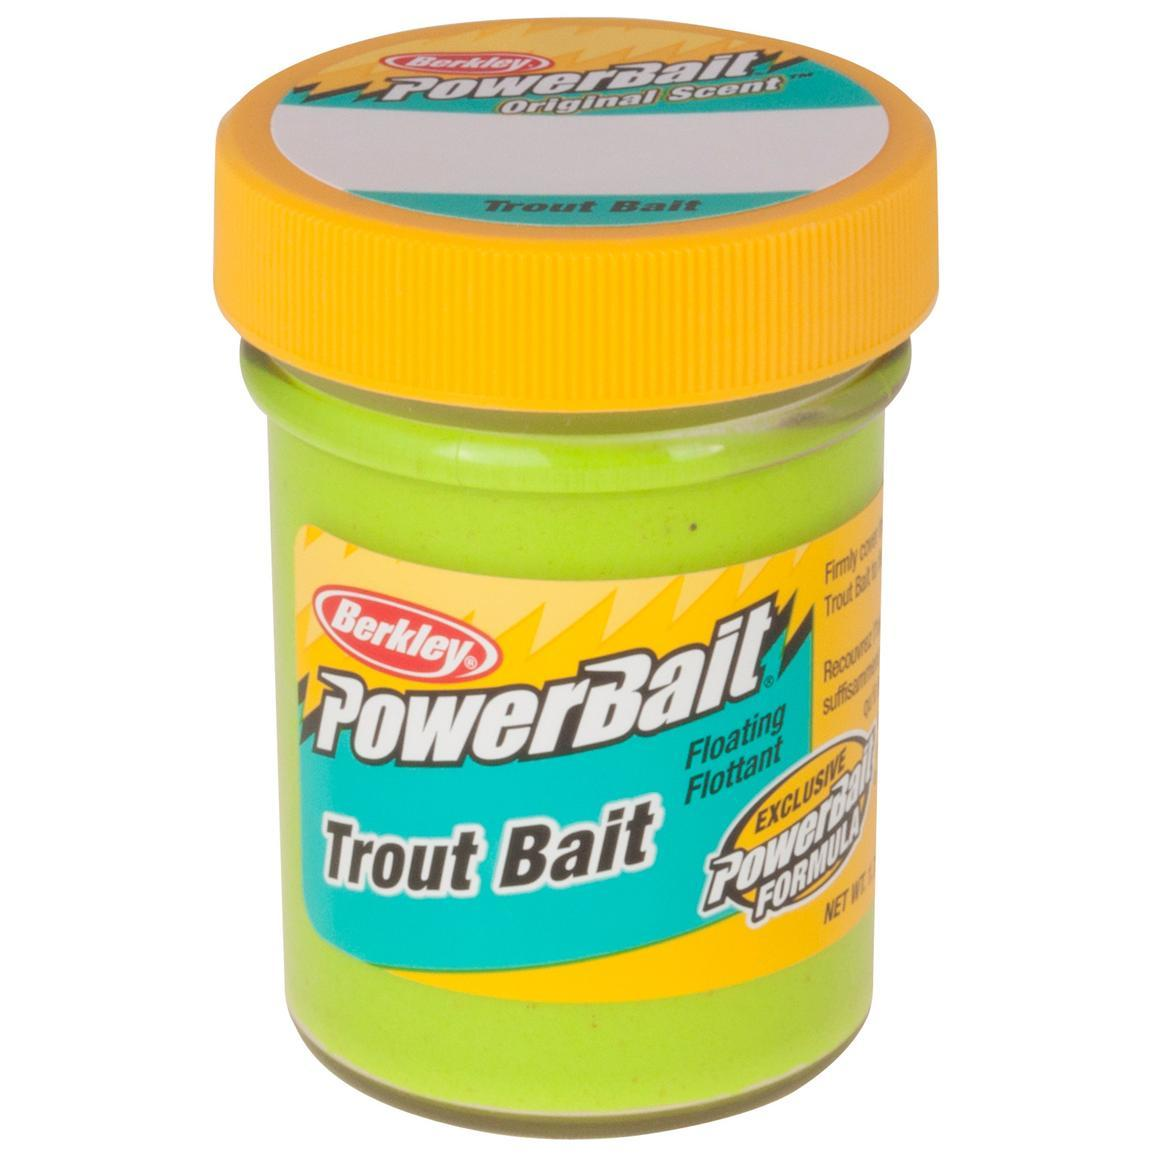 7 Best Bait for Trout